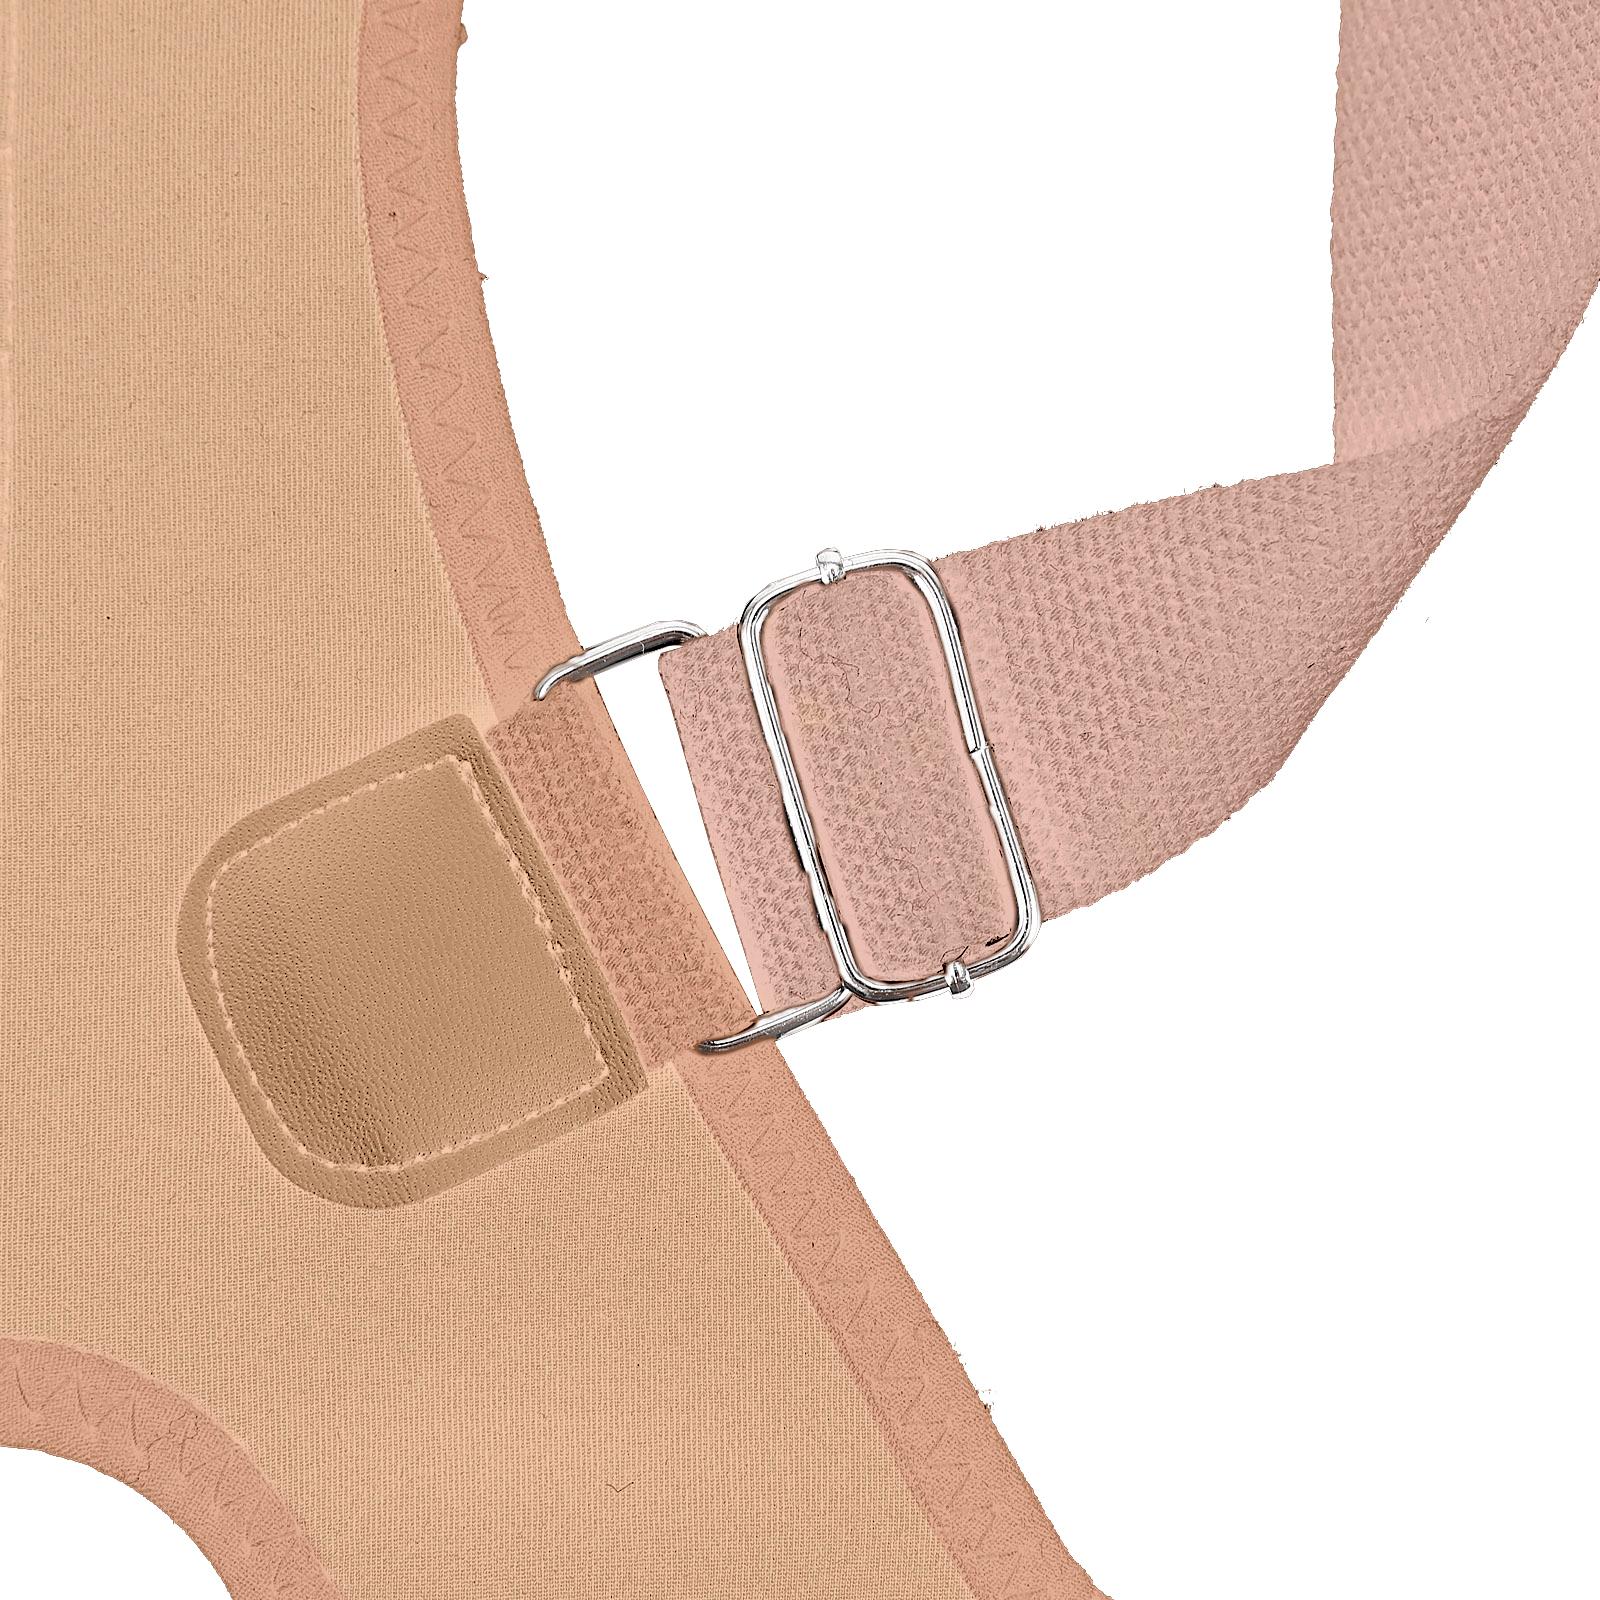 Corrector postural de espalda BN4628 soporte antifatiga con imanes